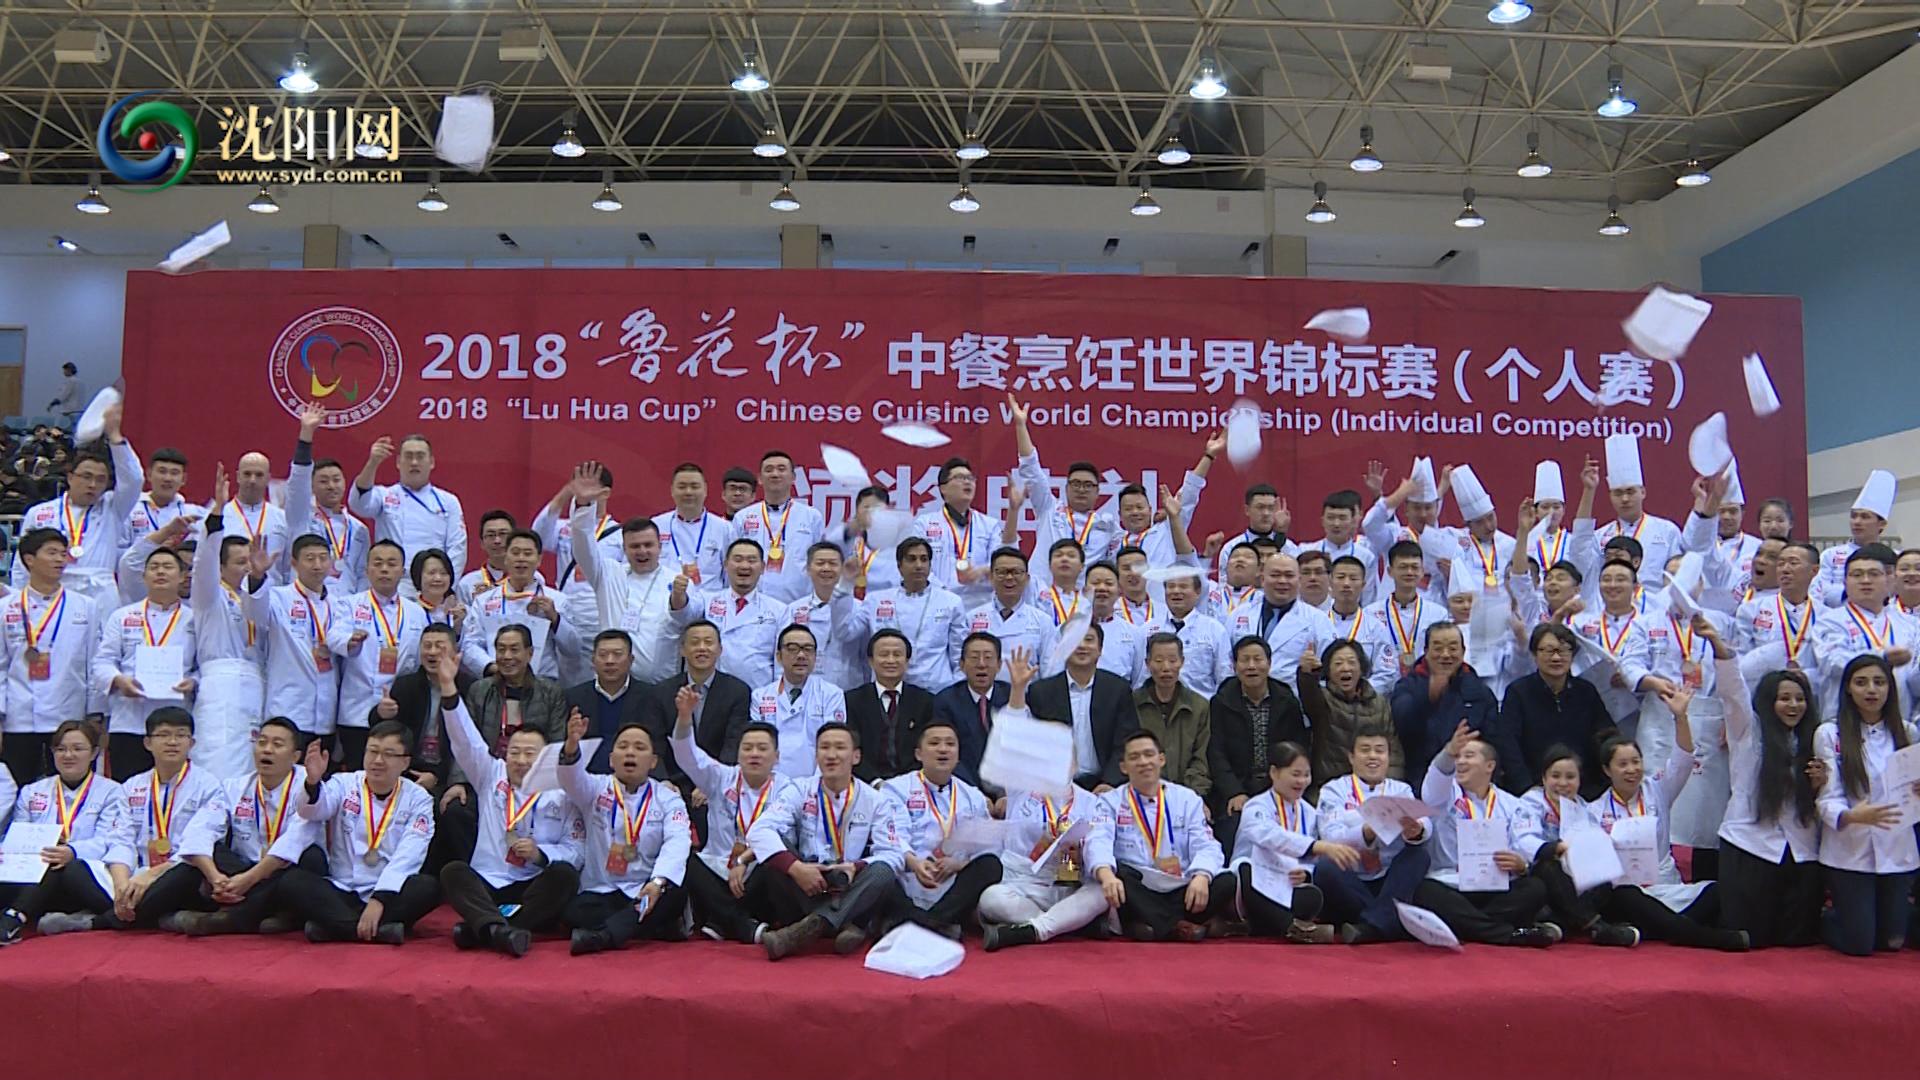 2018中餐烹饪世界锦标赛(个人赛)颁奖典礼在沈举行